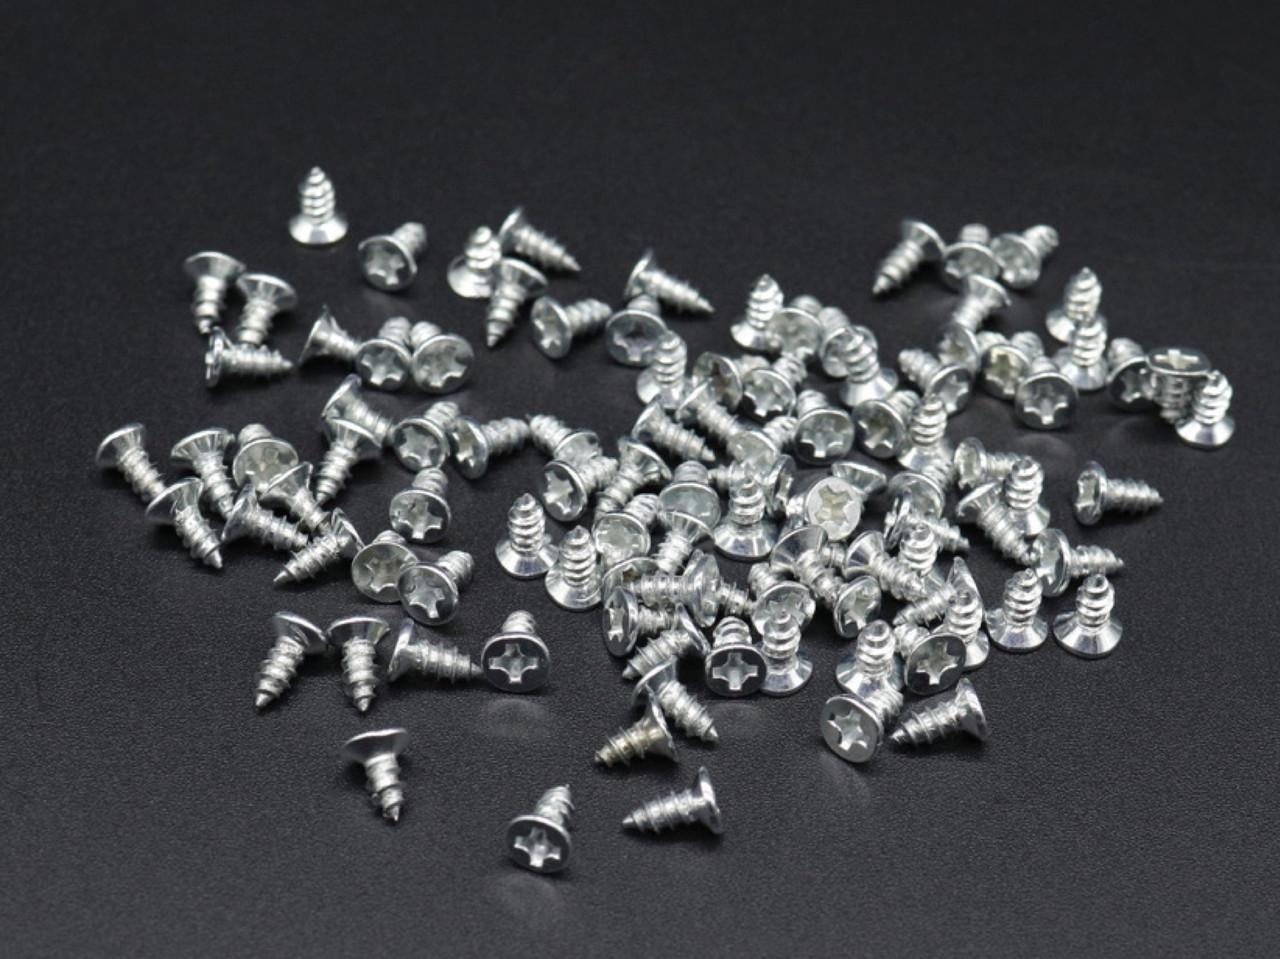 Саморезы для крепежа. Цвет серебро. 3х6мм